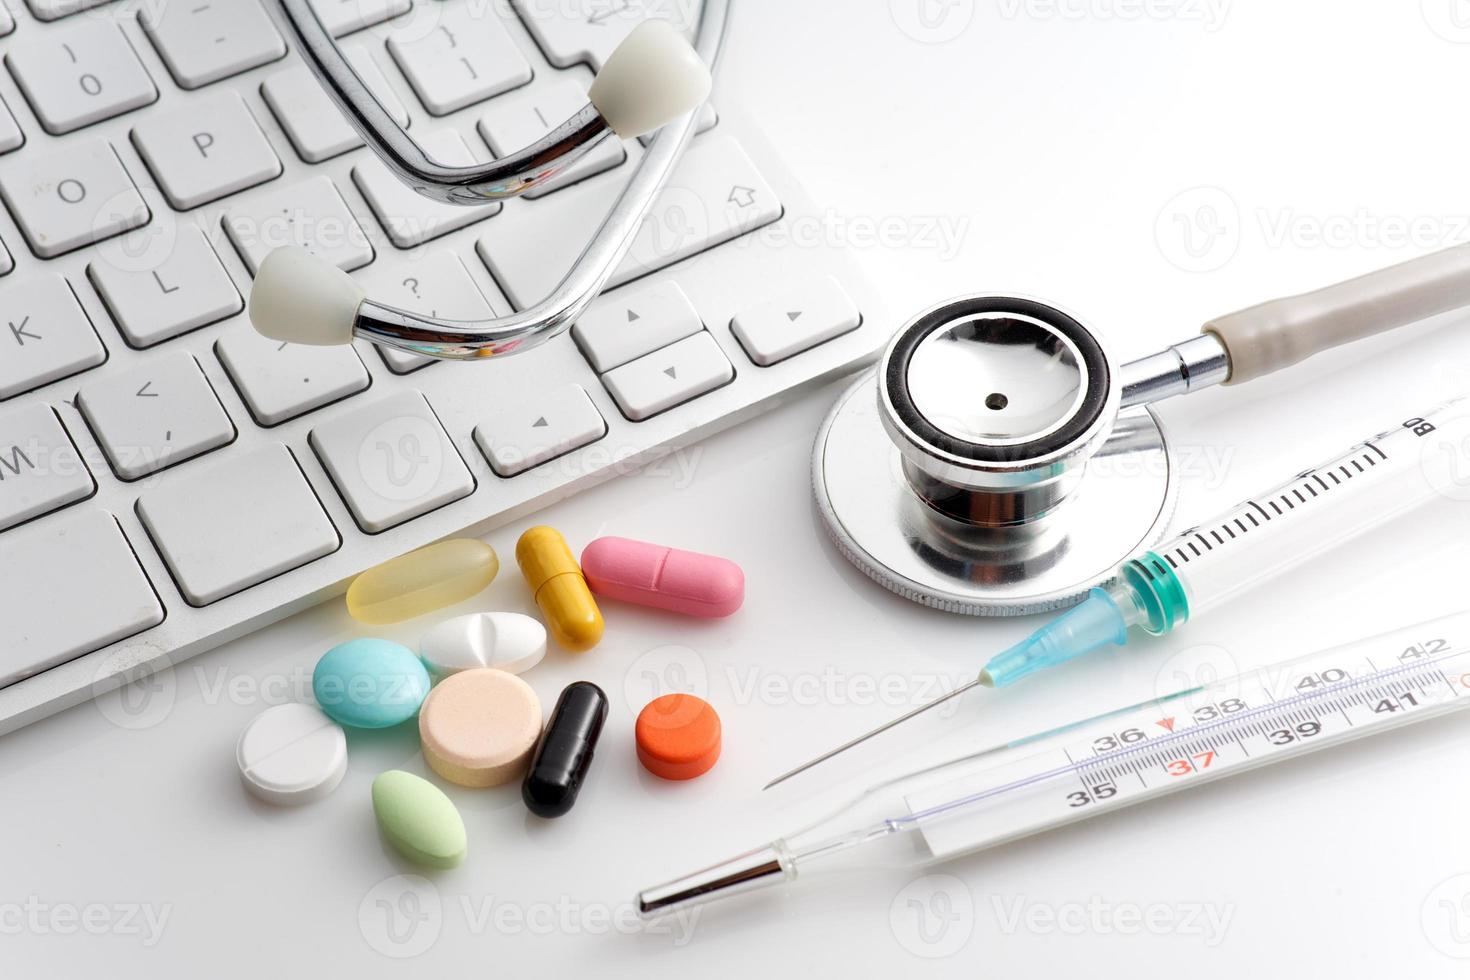 estetoscopio, pastillas, jeringas, termómetro foto